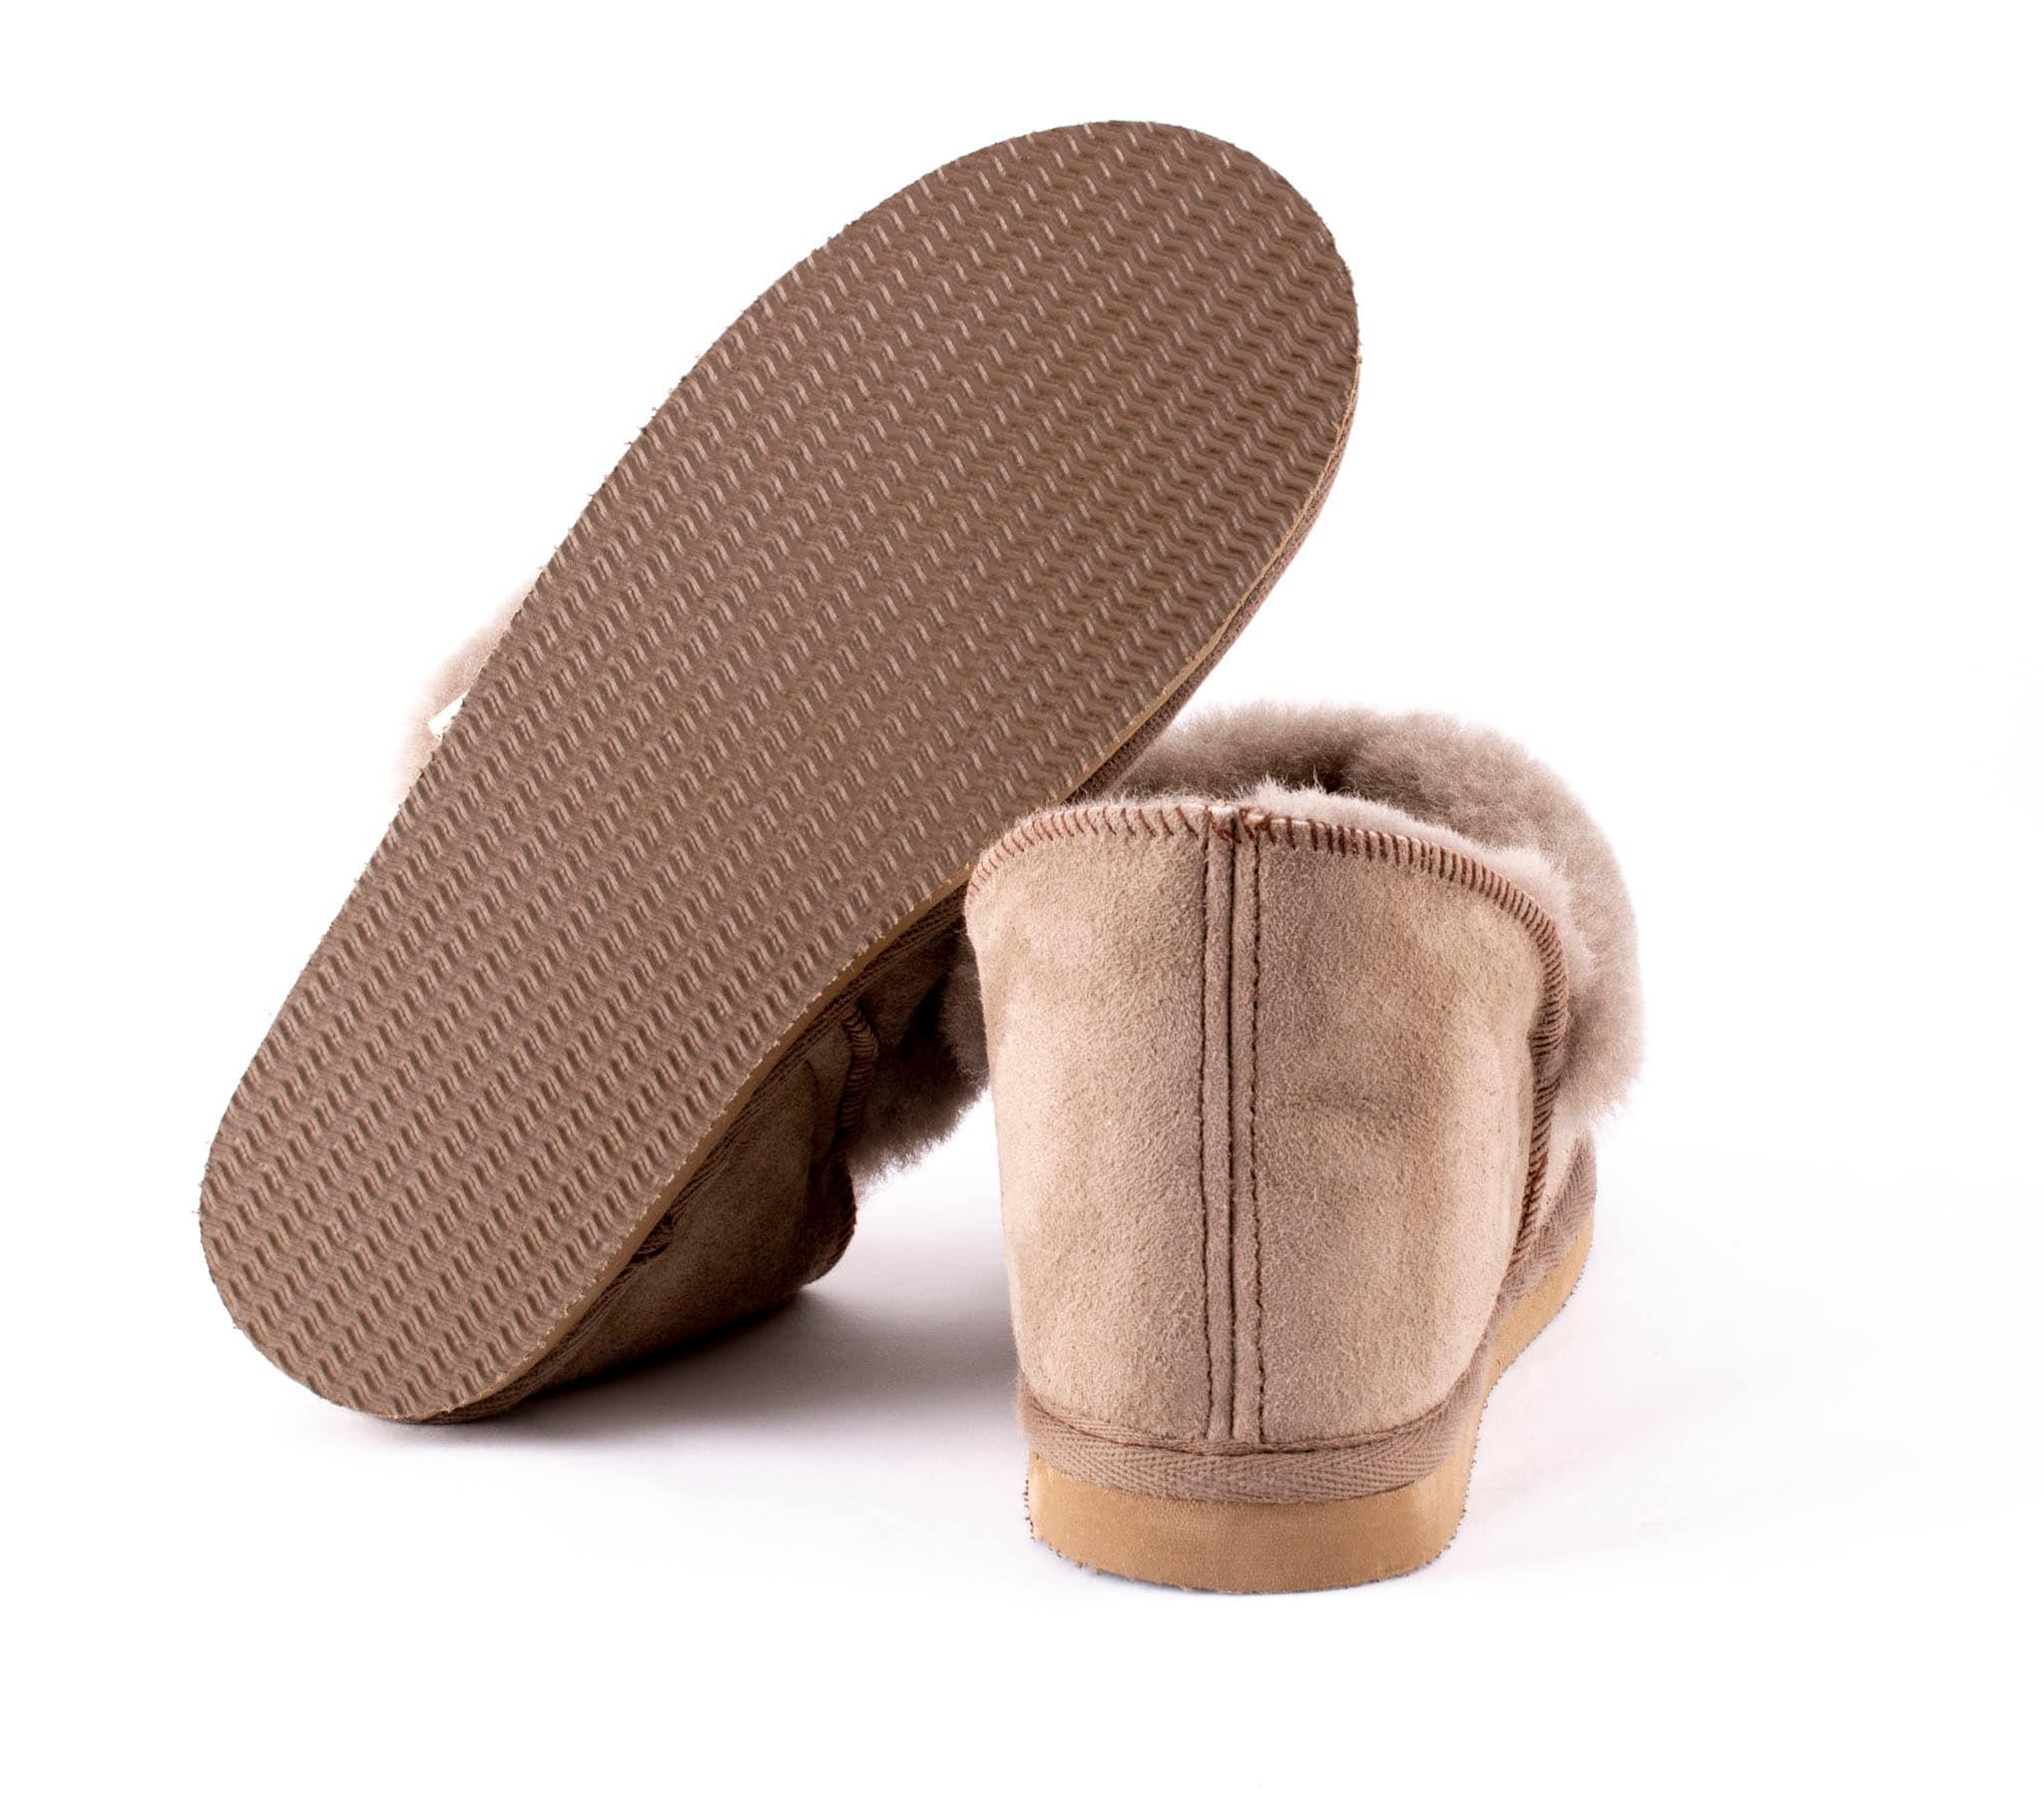 Shepherd Karin slippers